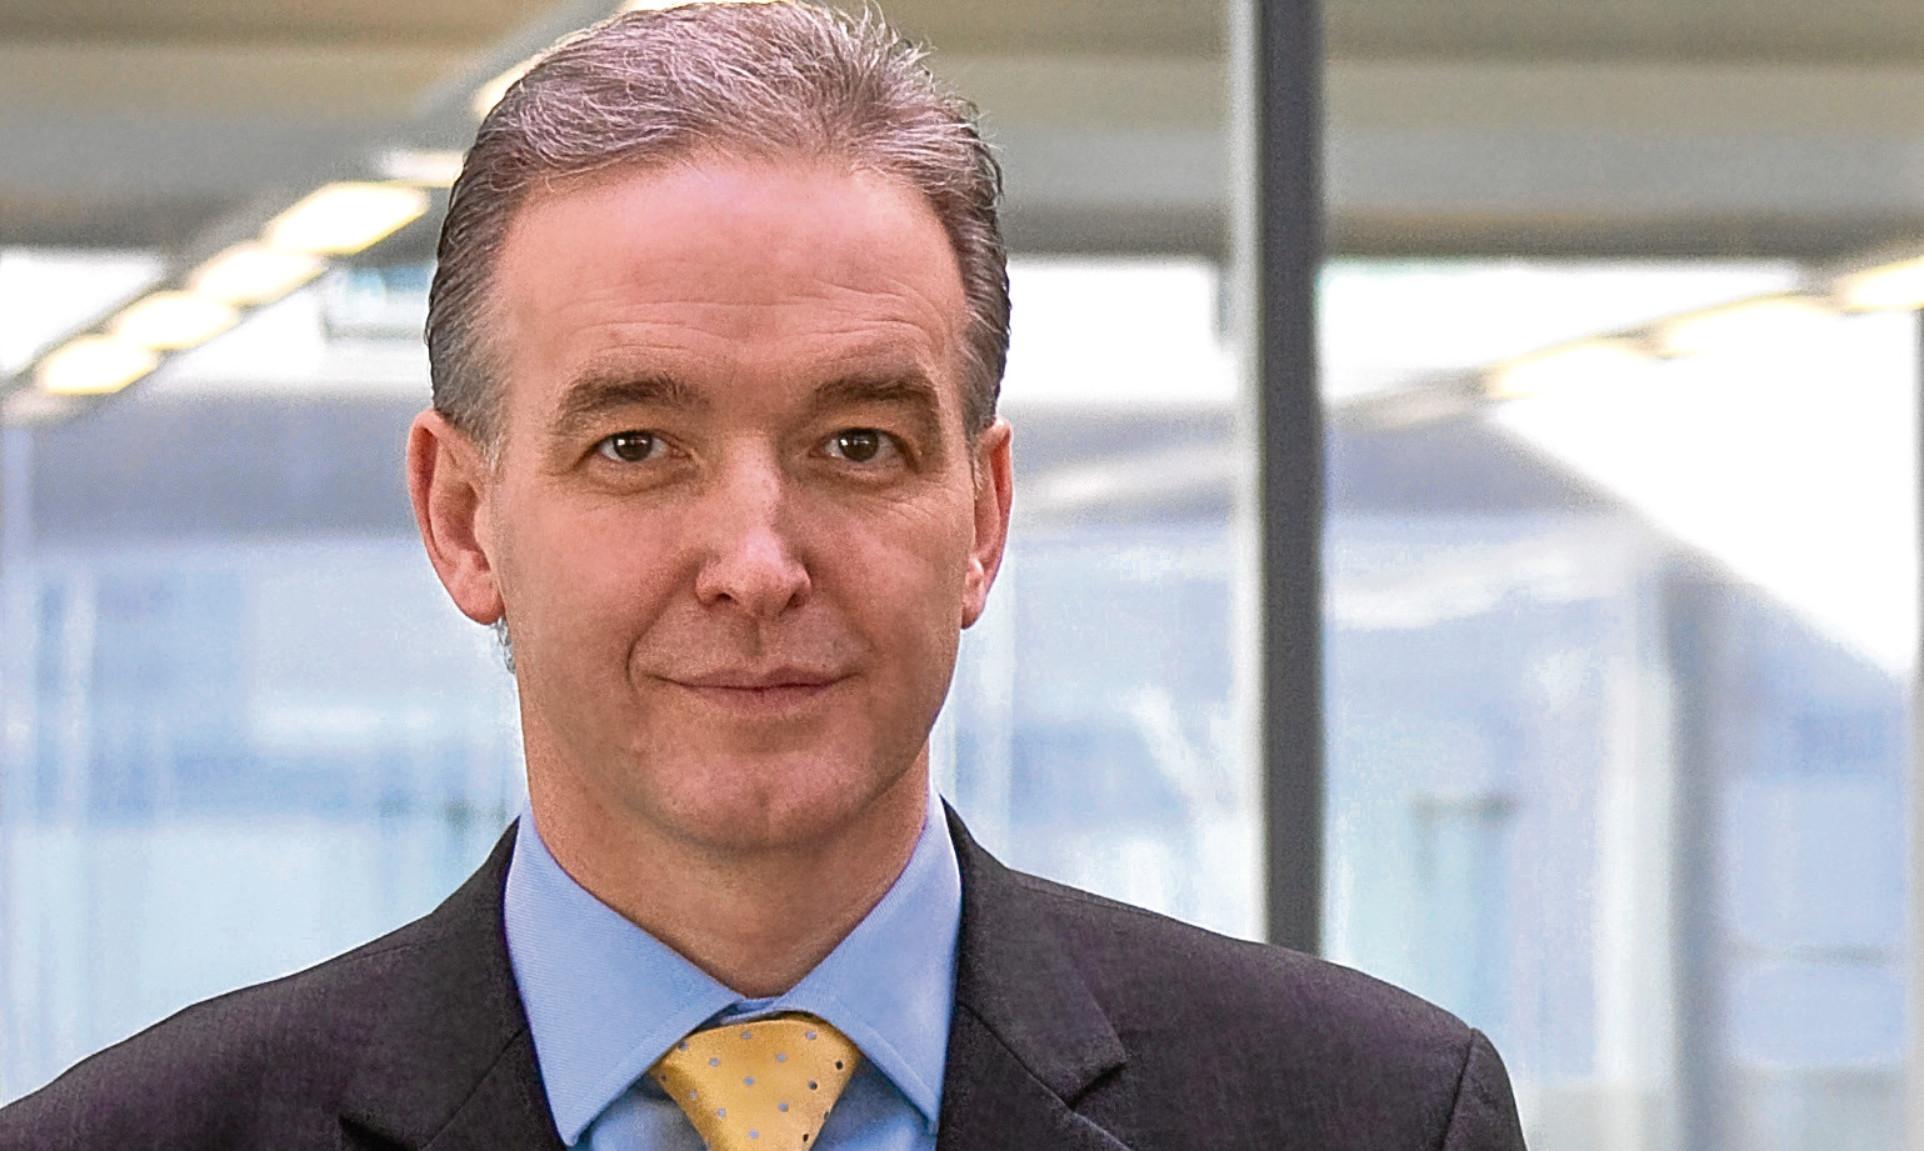 Wood Group CEO Robin Watson